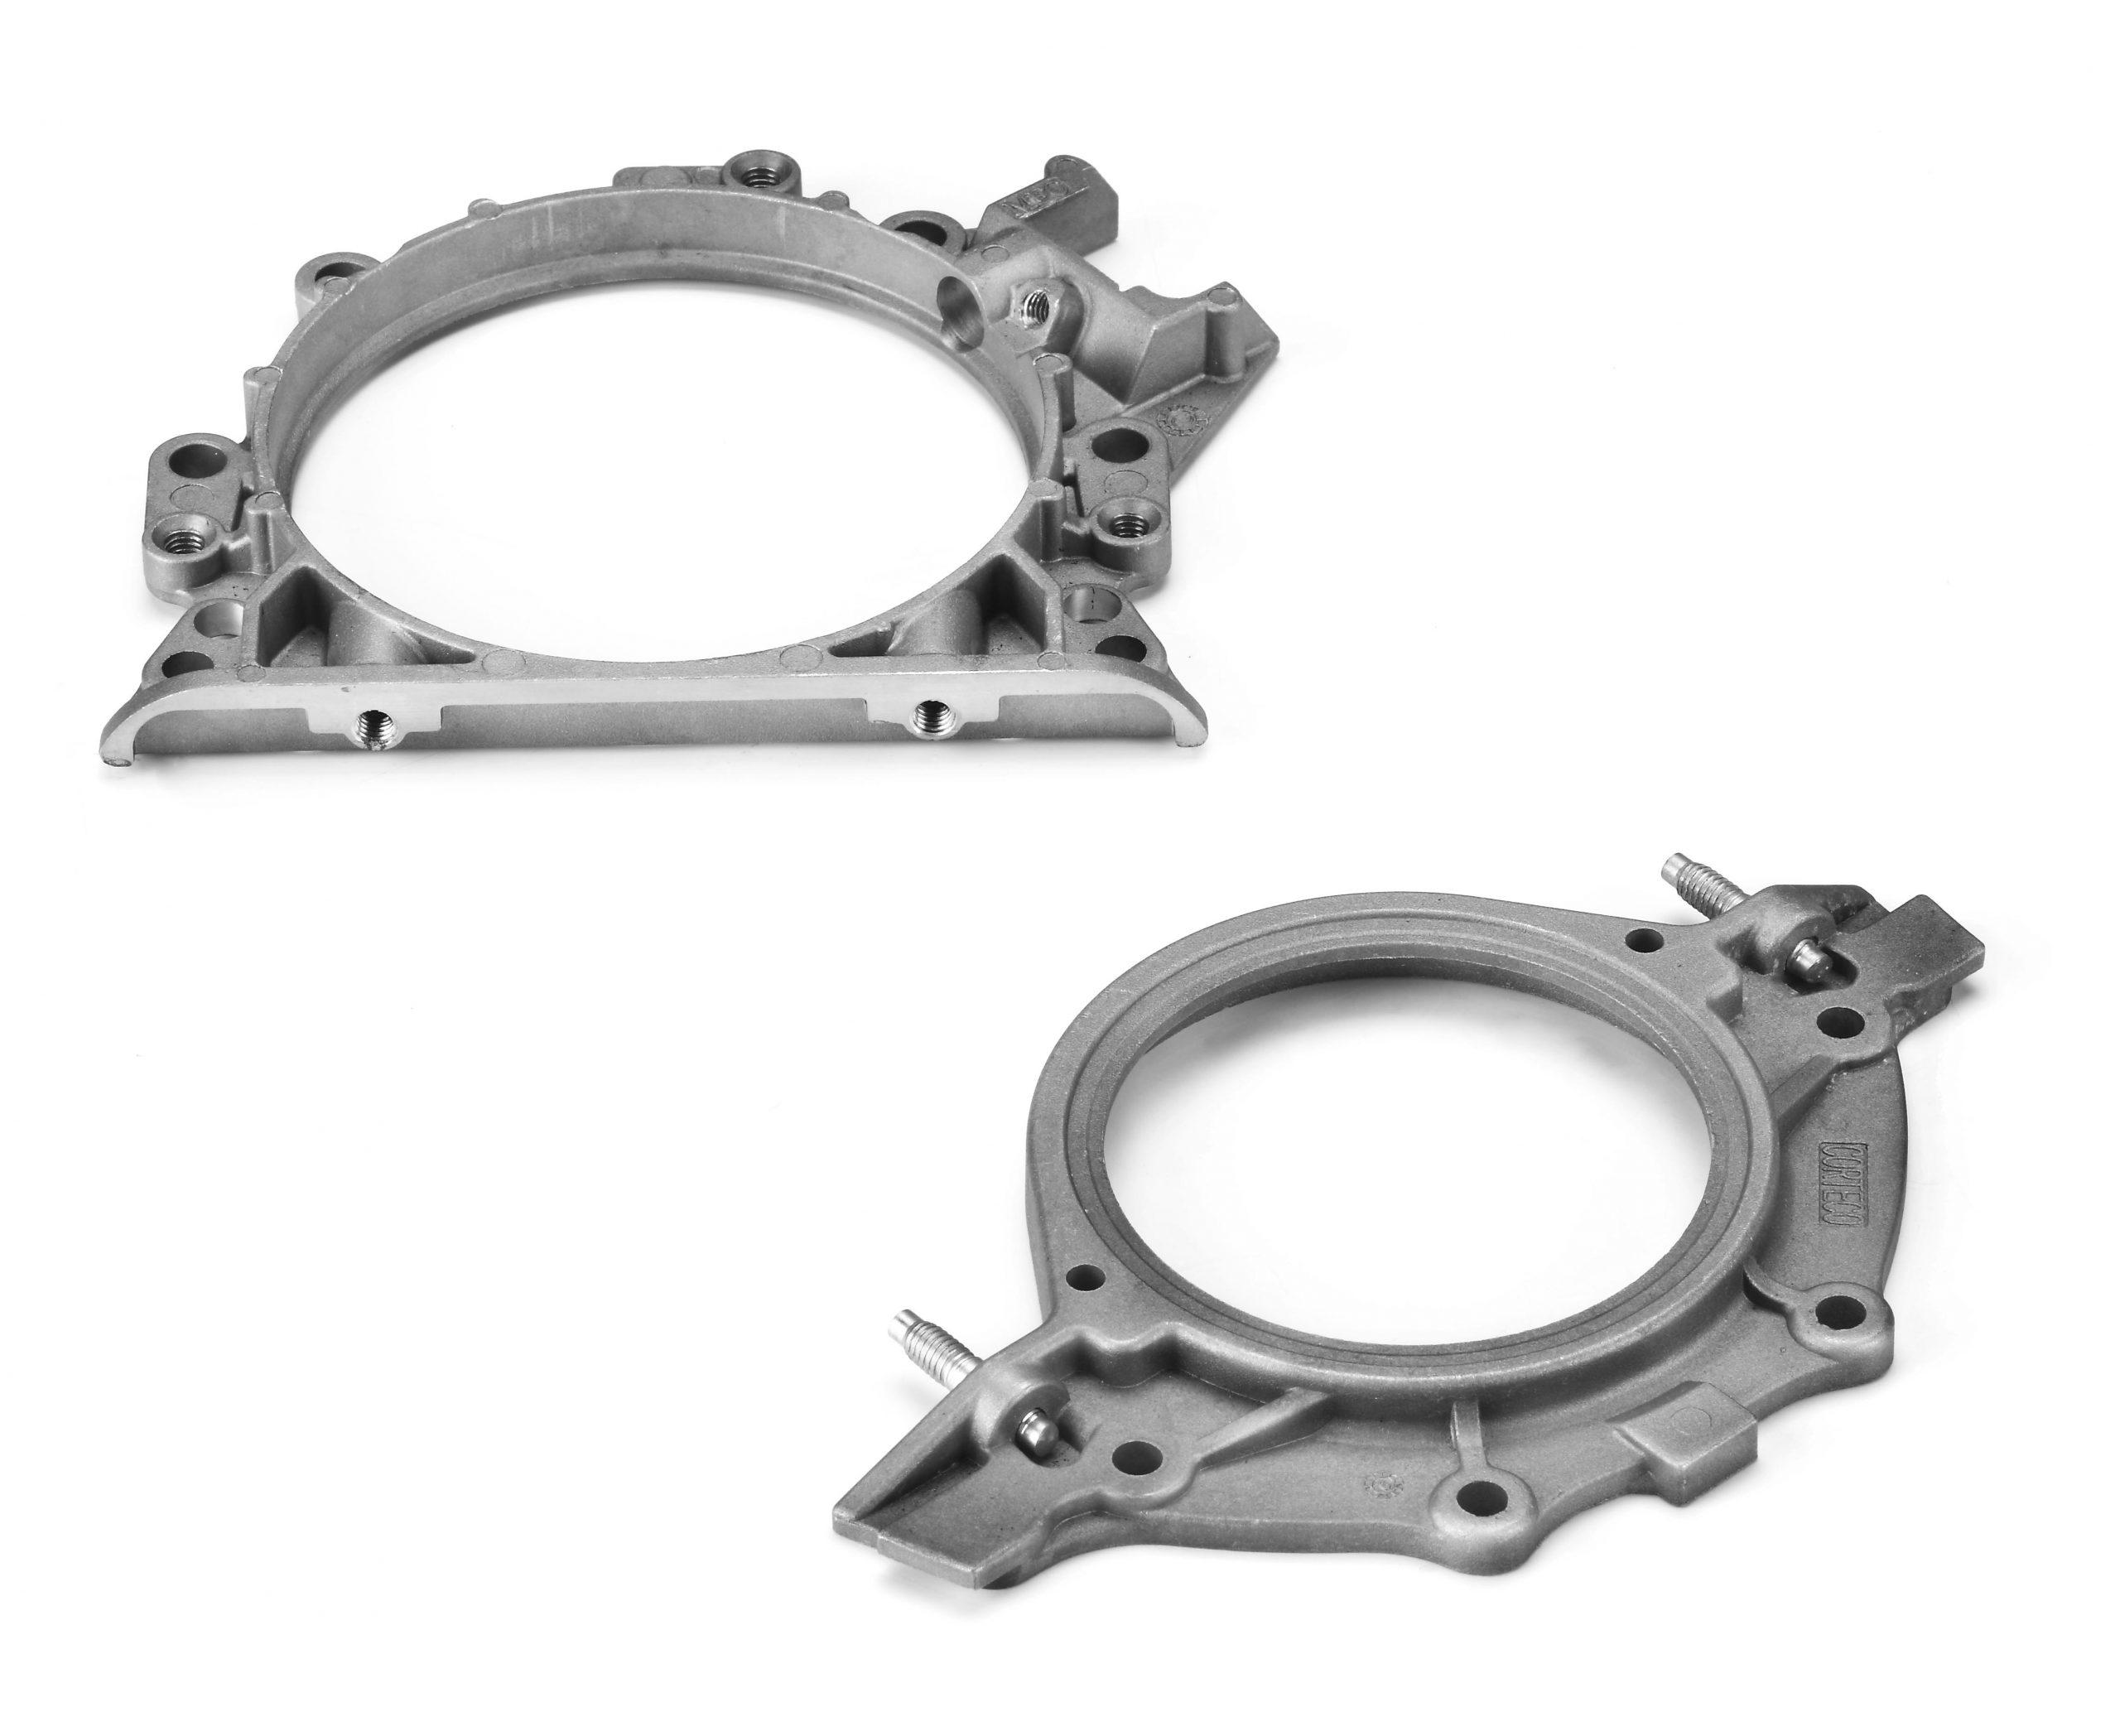 Cast Automotive Component